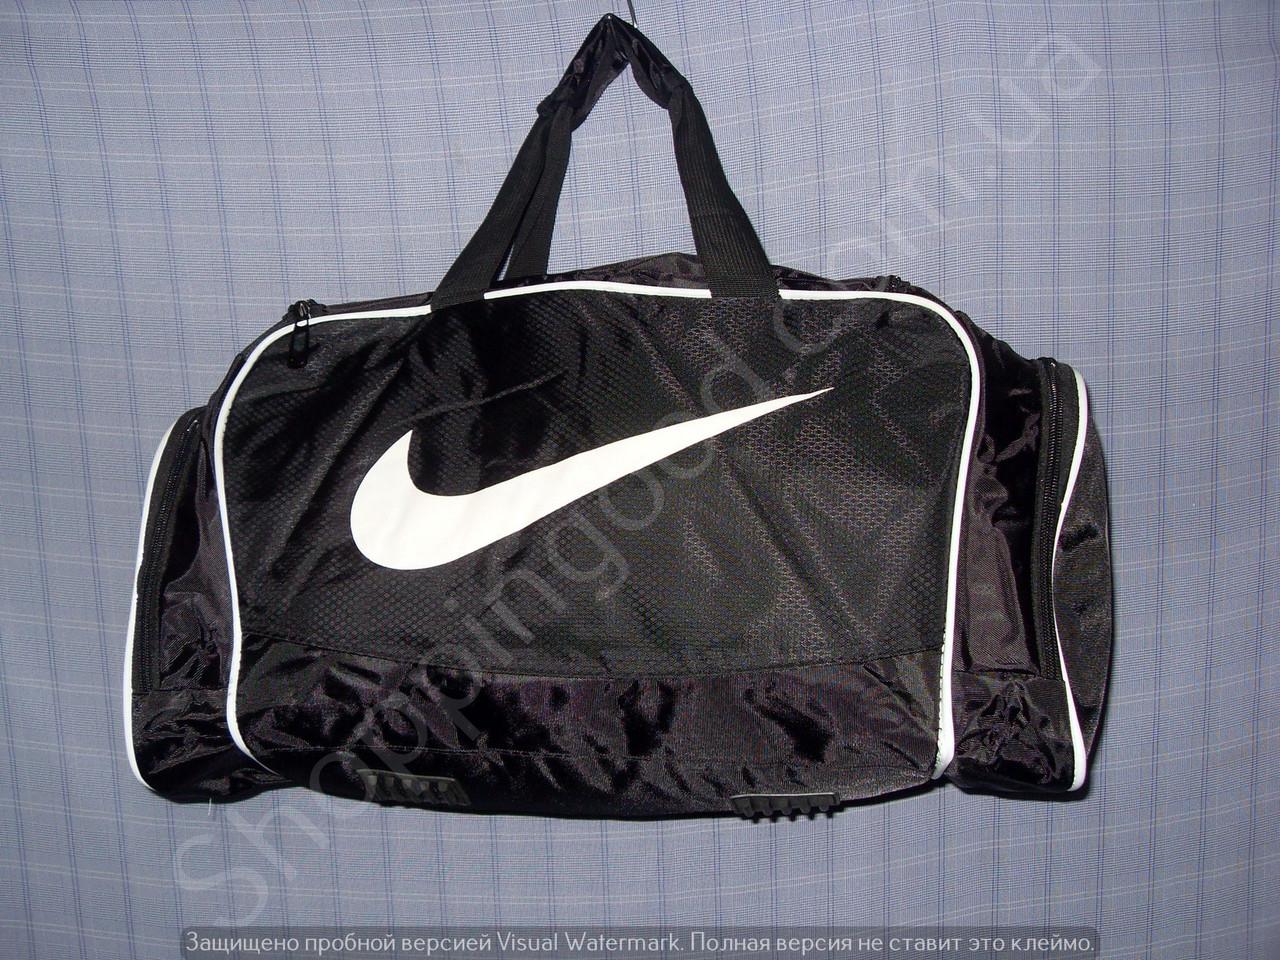 c34084a0039b Багажная сумка 114135 средняя (50х27х23, см) черная с белым спортивная копия  из полиэстера